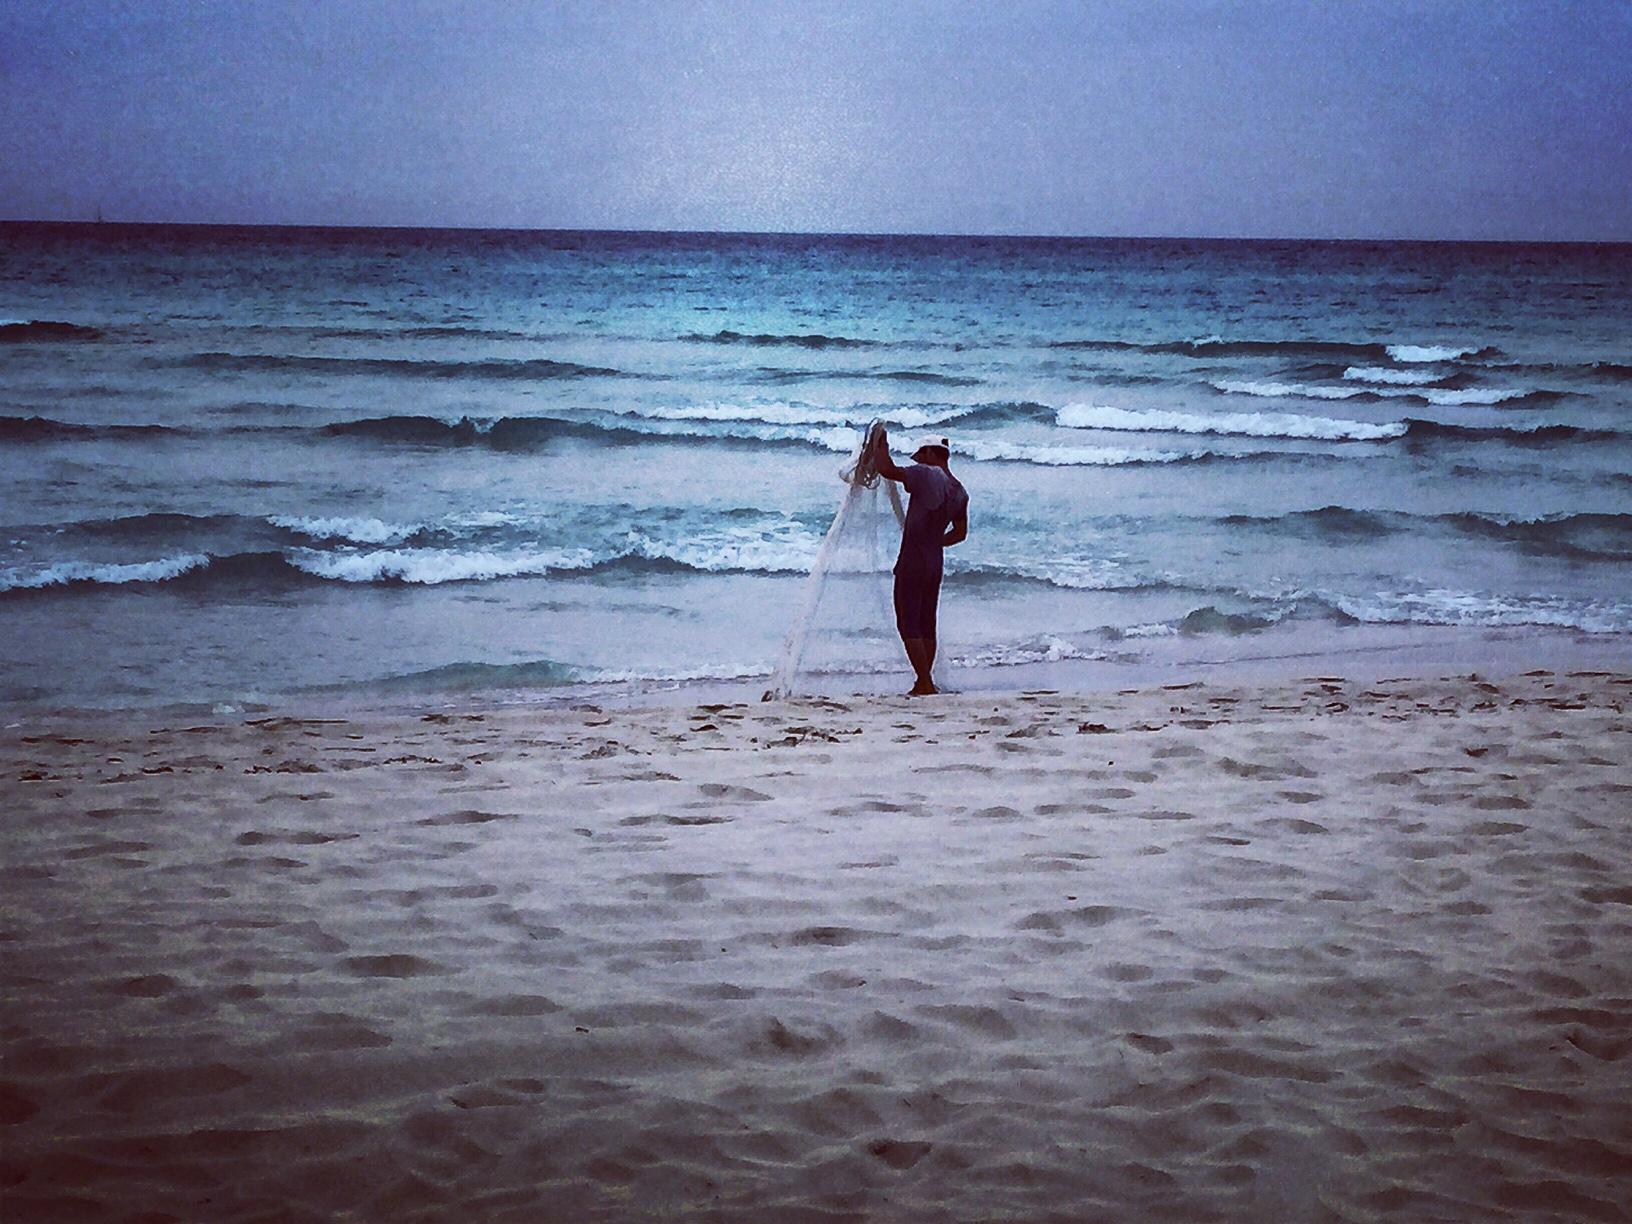 Pêcheur rangeant son filet fin de journée au bord de la Mer des Caraïbes Trinidad La Havane La Habana Cuba photo usofparis travel blog voyage amérique du nord